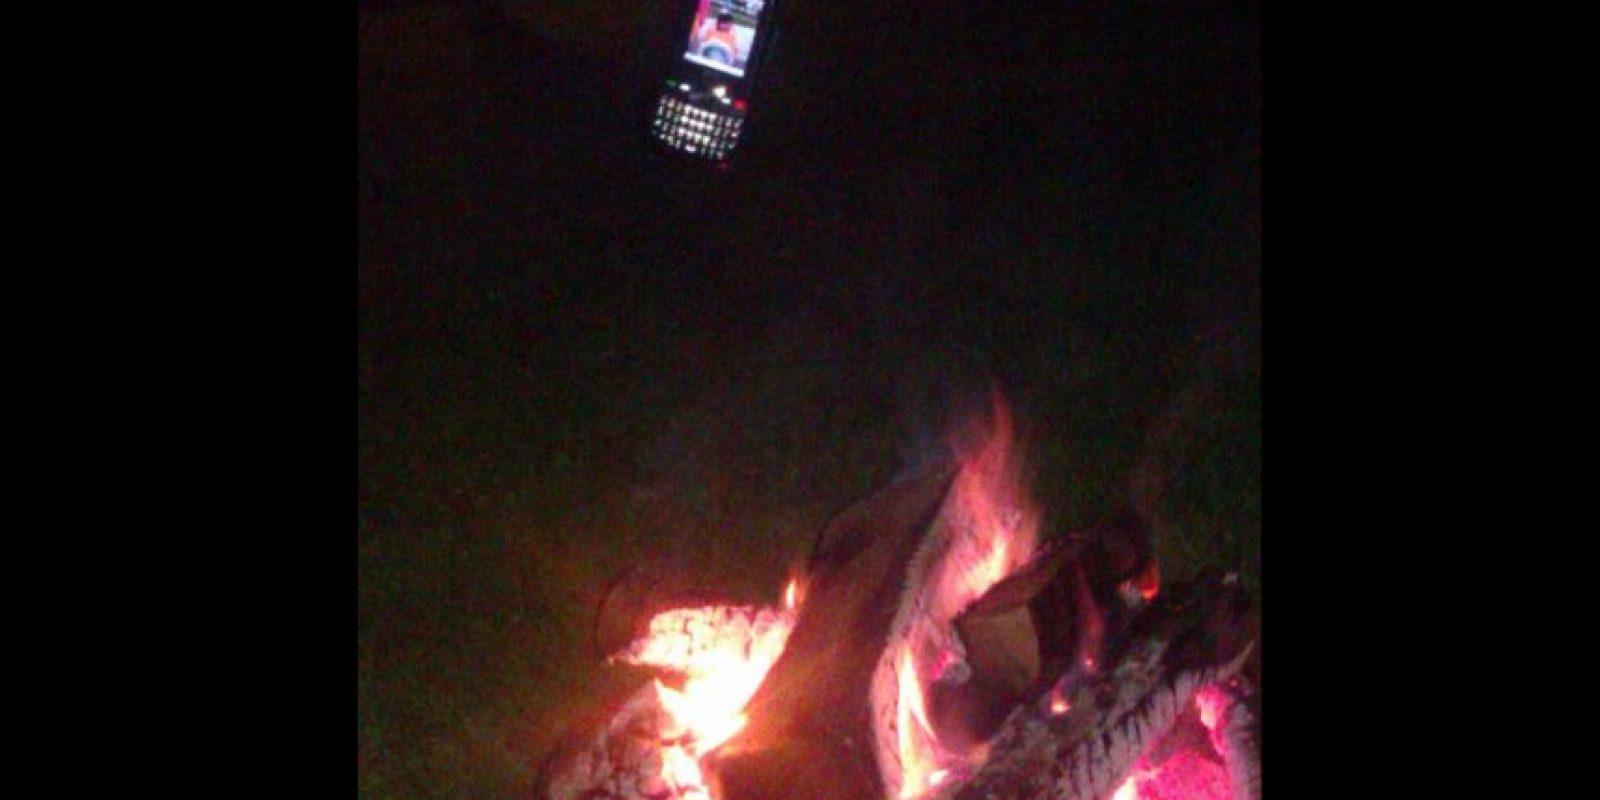 Pero si no se tiene la altura necesaria el fuego también funciona Foto:Vía Twitter @kamisado45